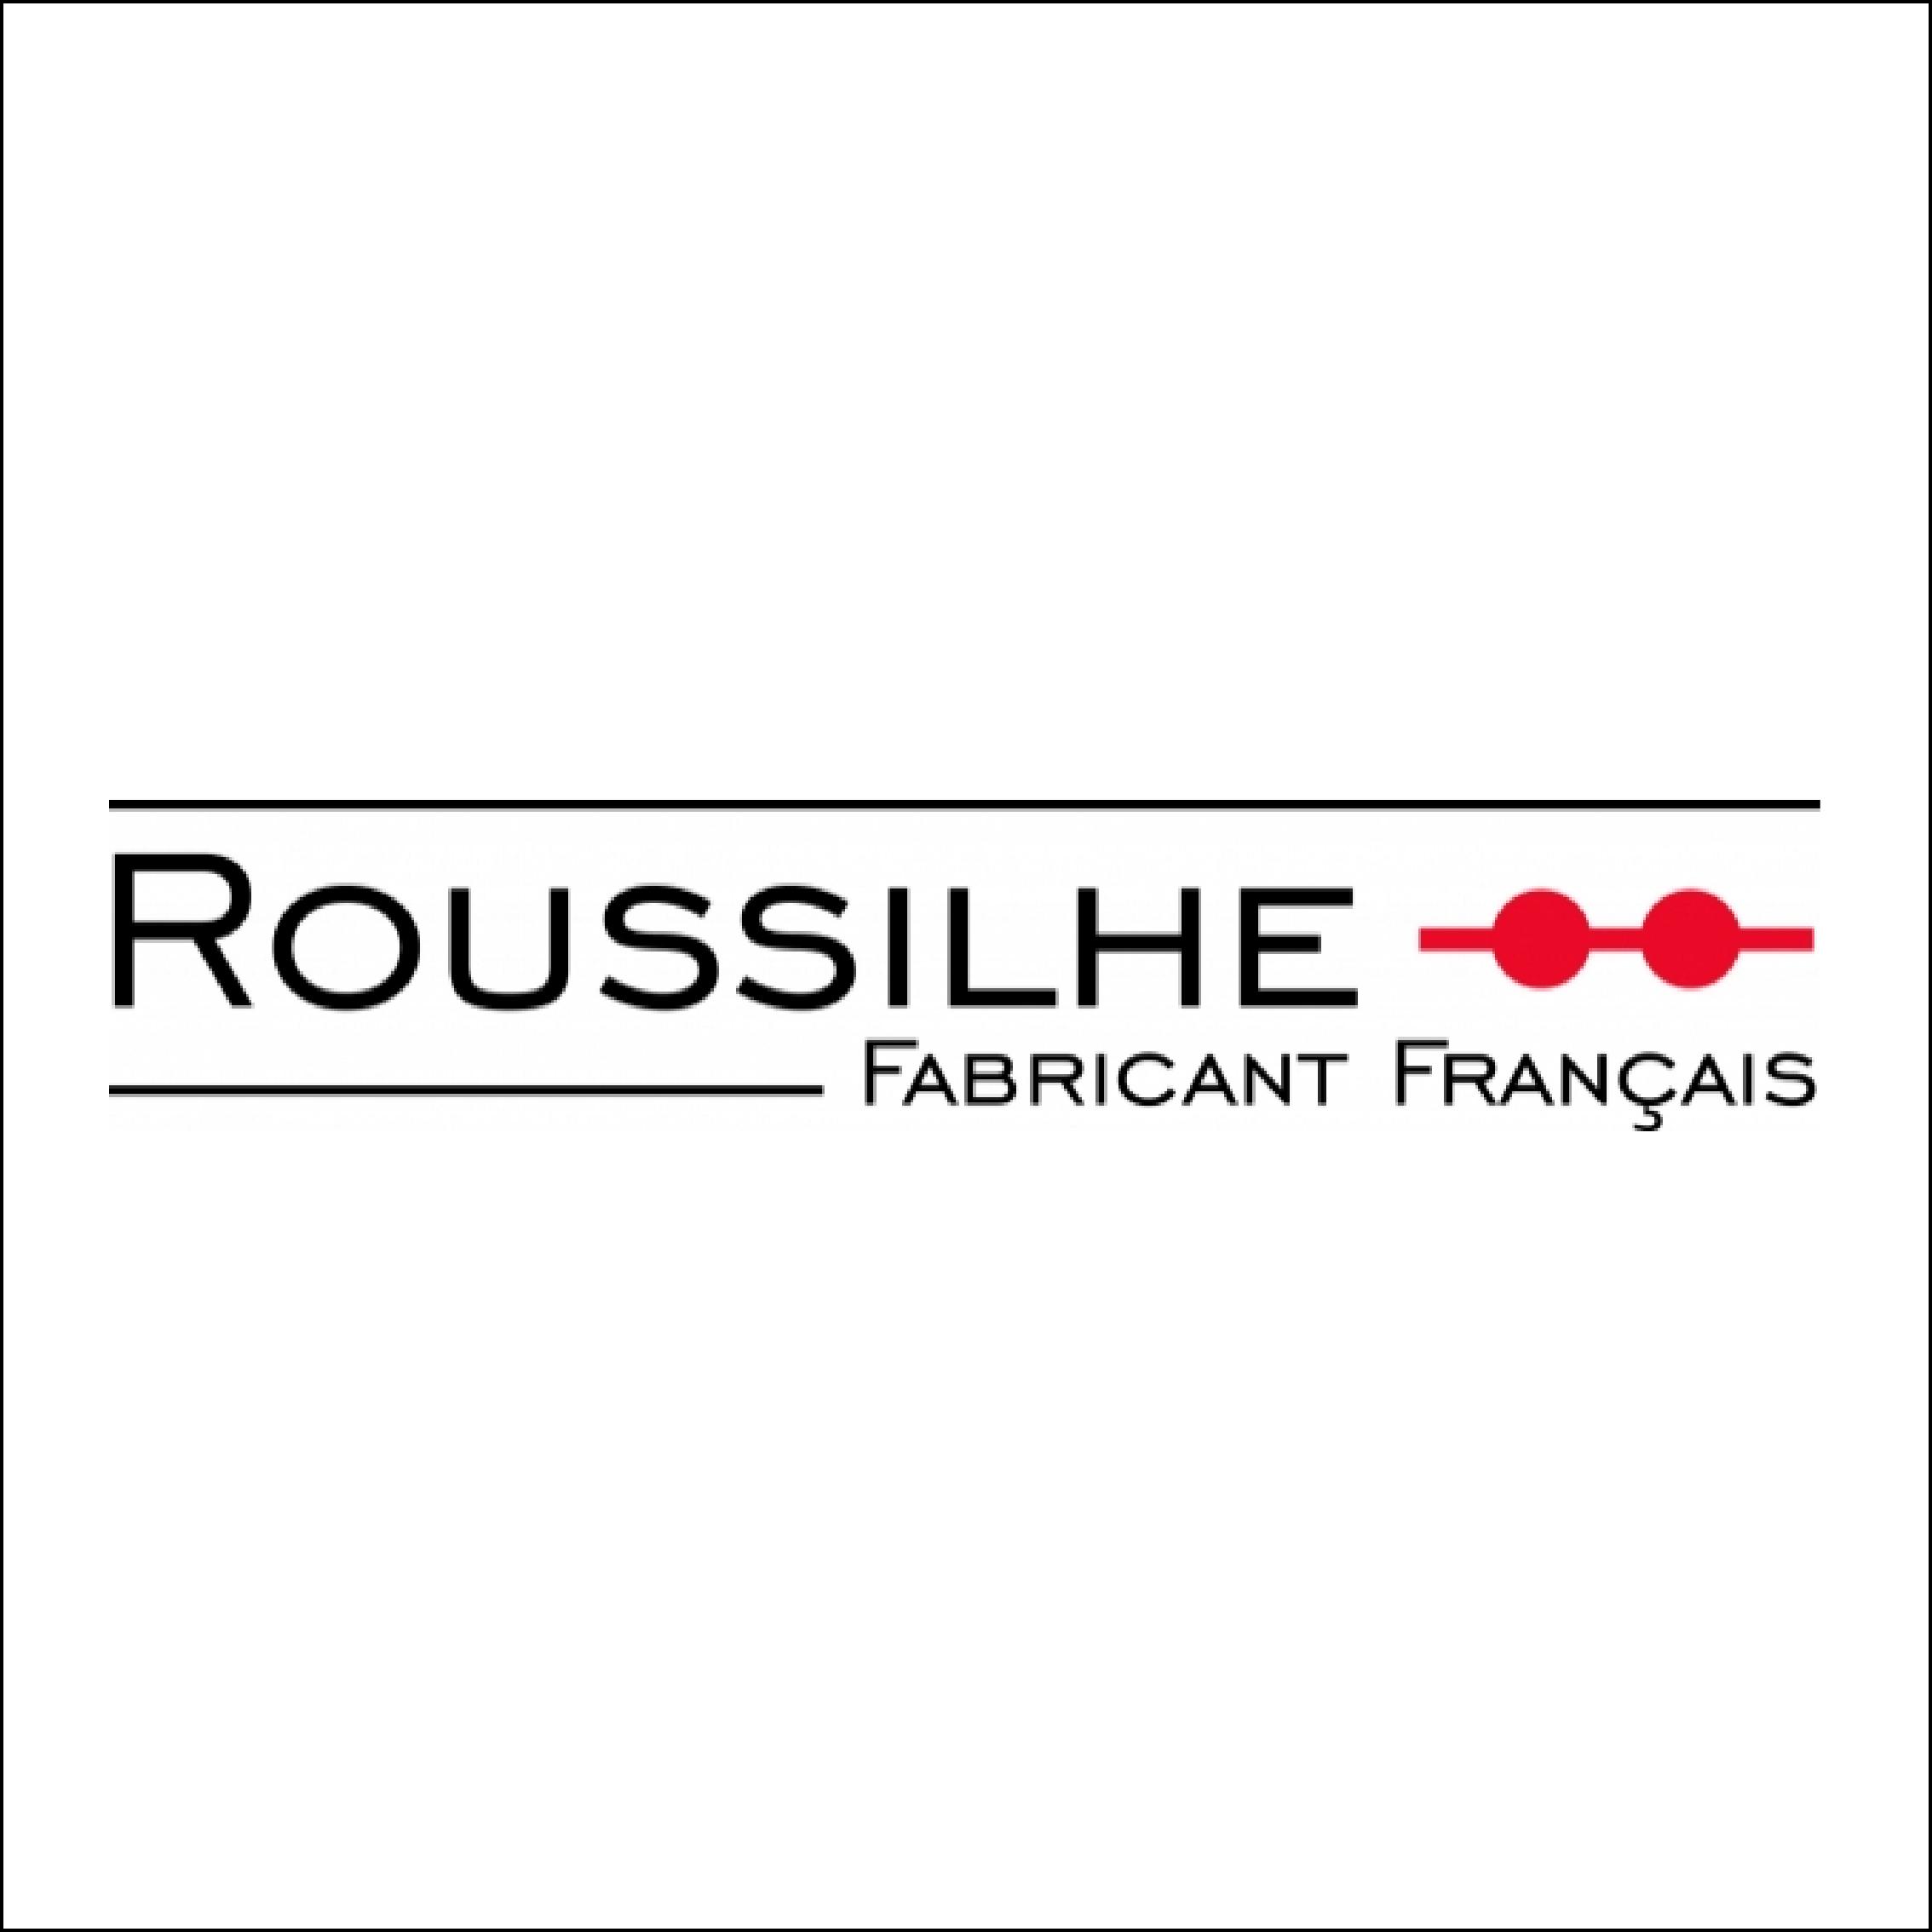 logo roussilhe